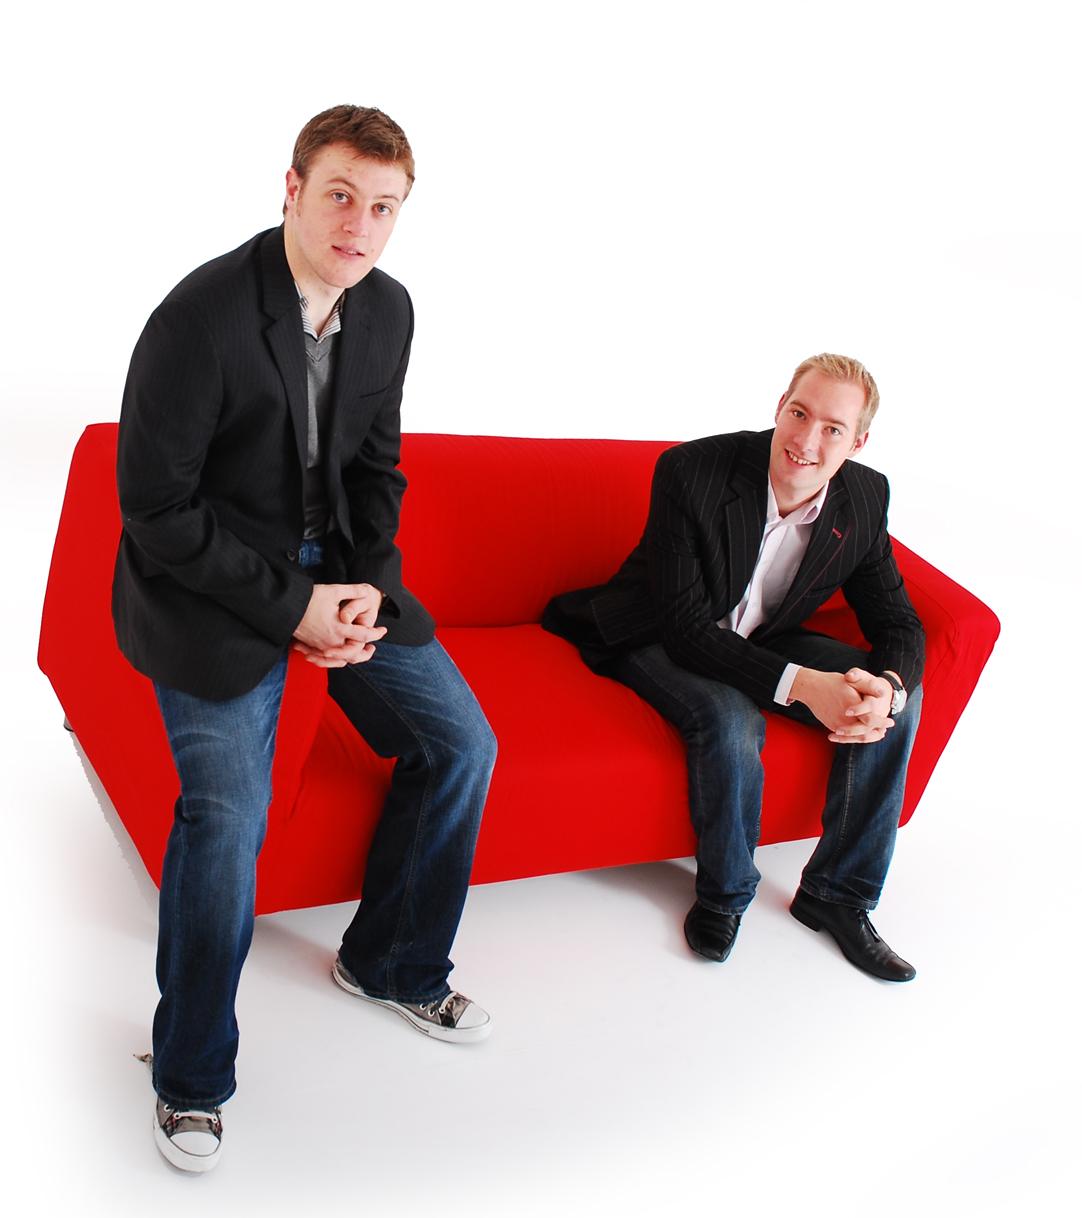 http://4.bp.blogspot.com/_vxRM7z378Jk/TUneEKmykXI/AAAAAAAAoJo/lo9Sbjh65PU/s1600/Business+Booster+matt-and-ben-image.jpg